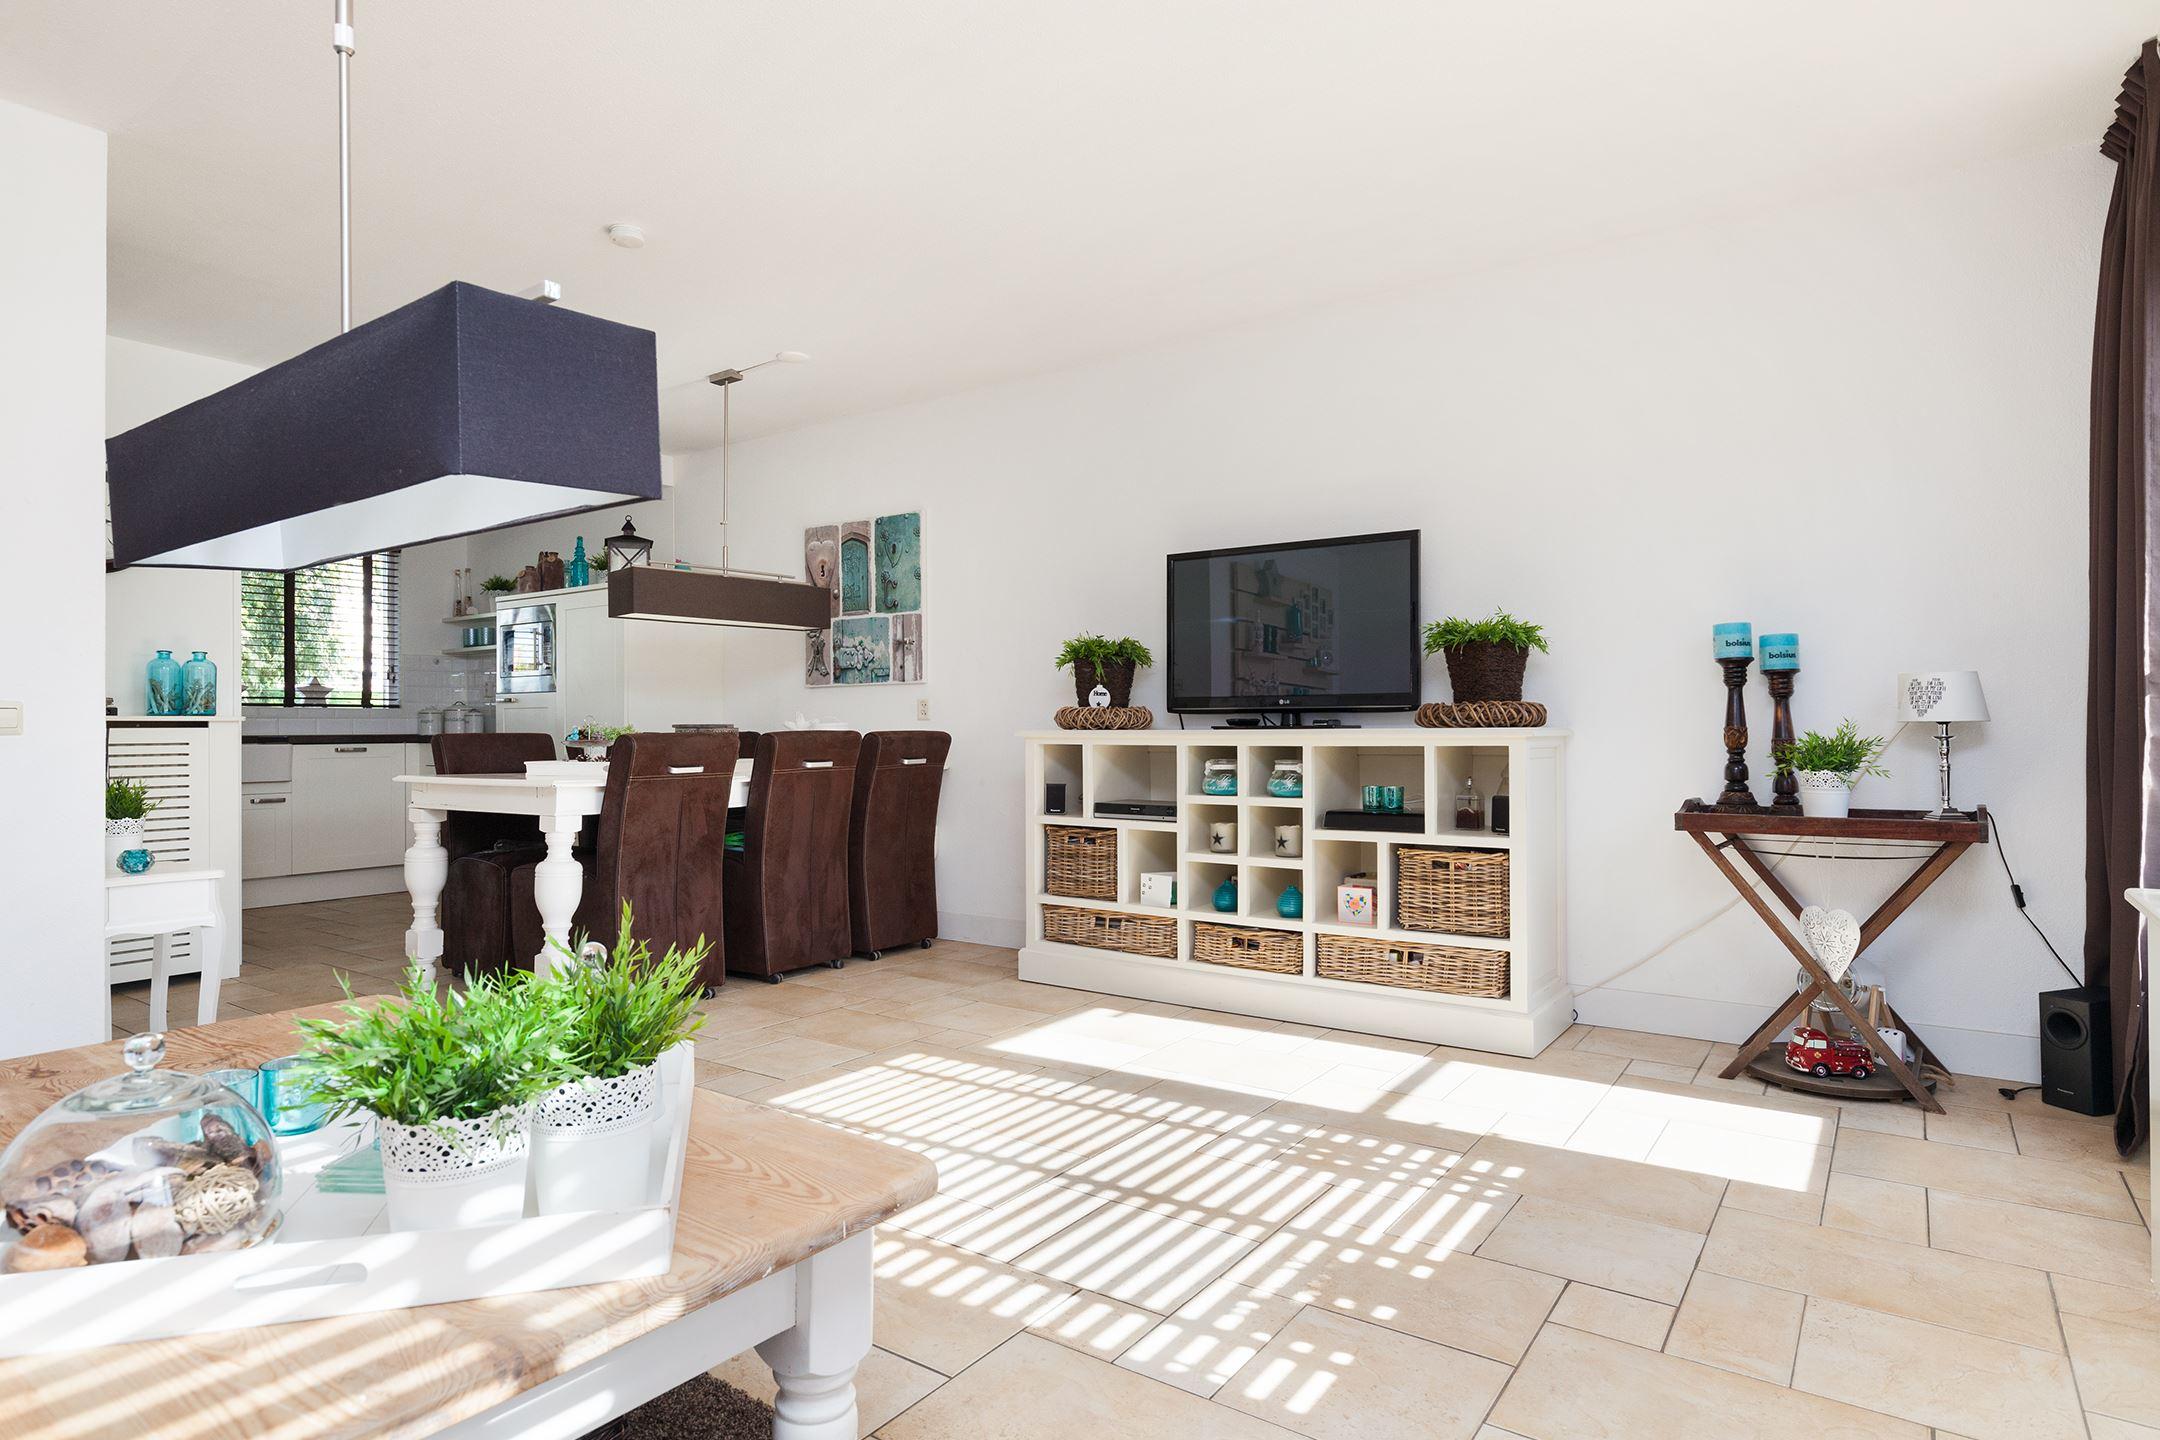 Huis te koop middenbaan zuid 570 3191 ah hoogvliet for Woning te huur rotterdam zuid